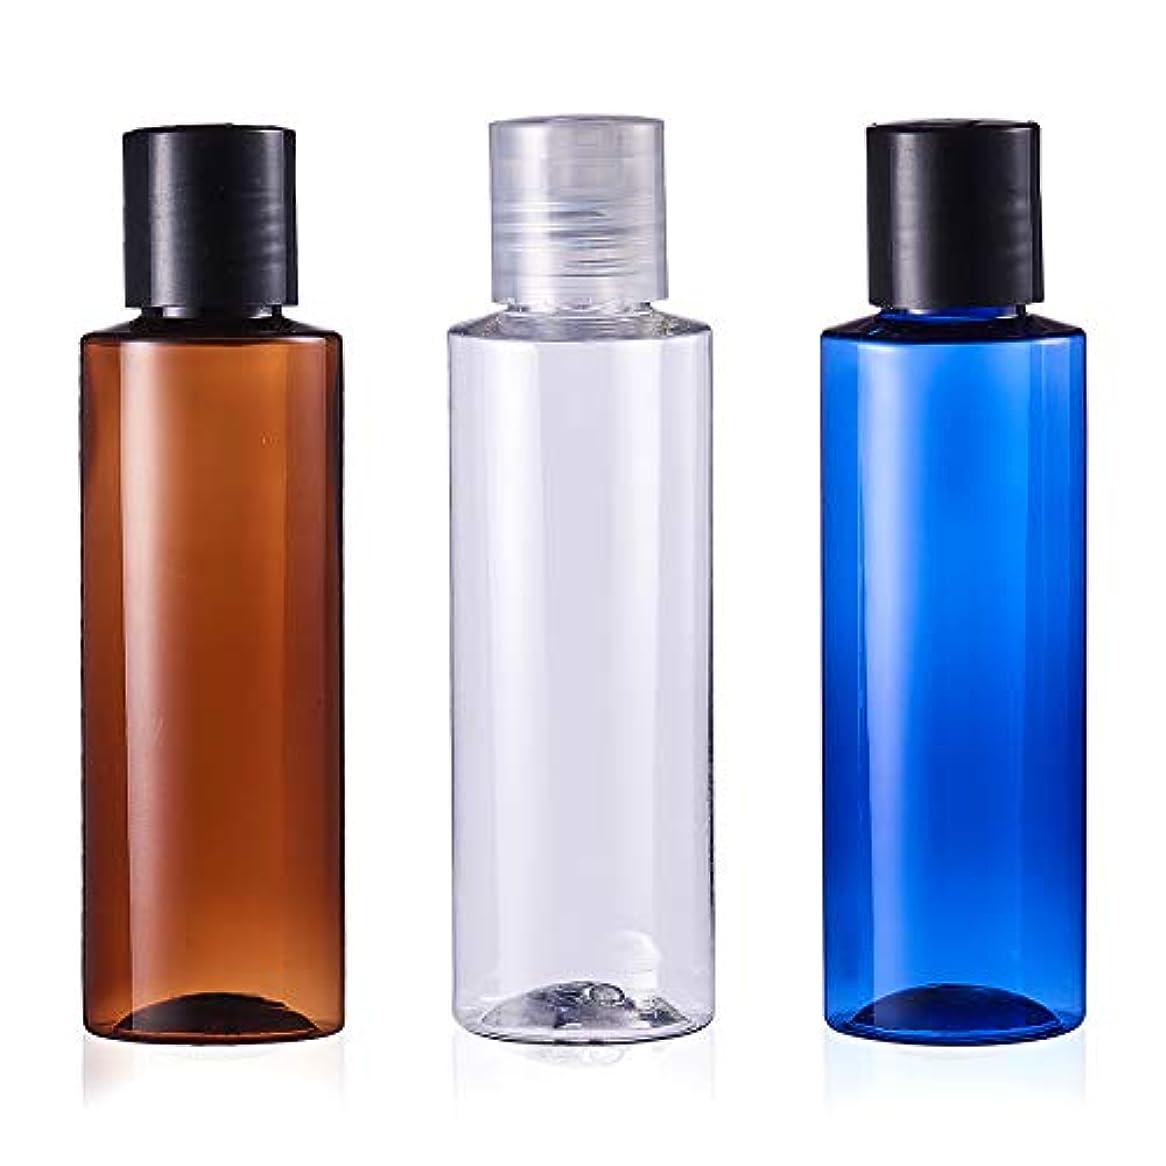 喜んできゅうり習字BENECREAT 120mlプレスキャップボトル 6個セット3色小分けボトル プラスチック容器 液体用空ボトル 押し式詰替用ボトル 詰め替え シャンプー クリーム 化粧品 収納瓶